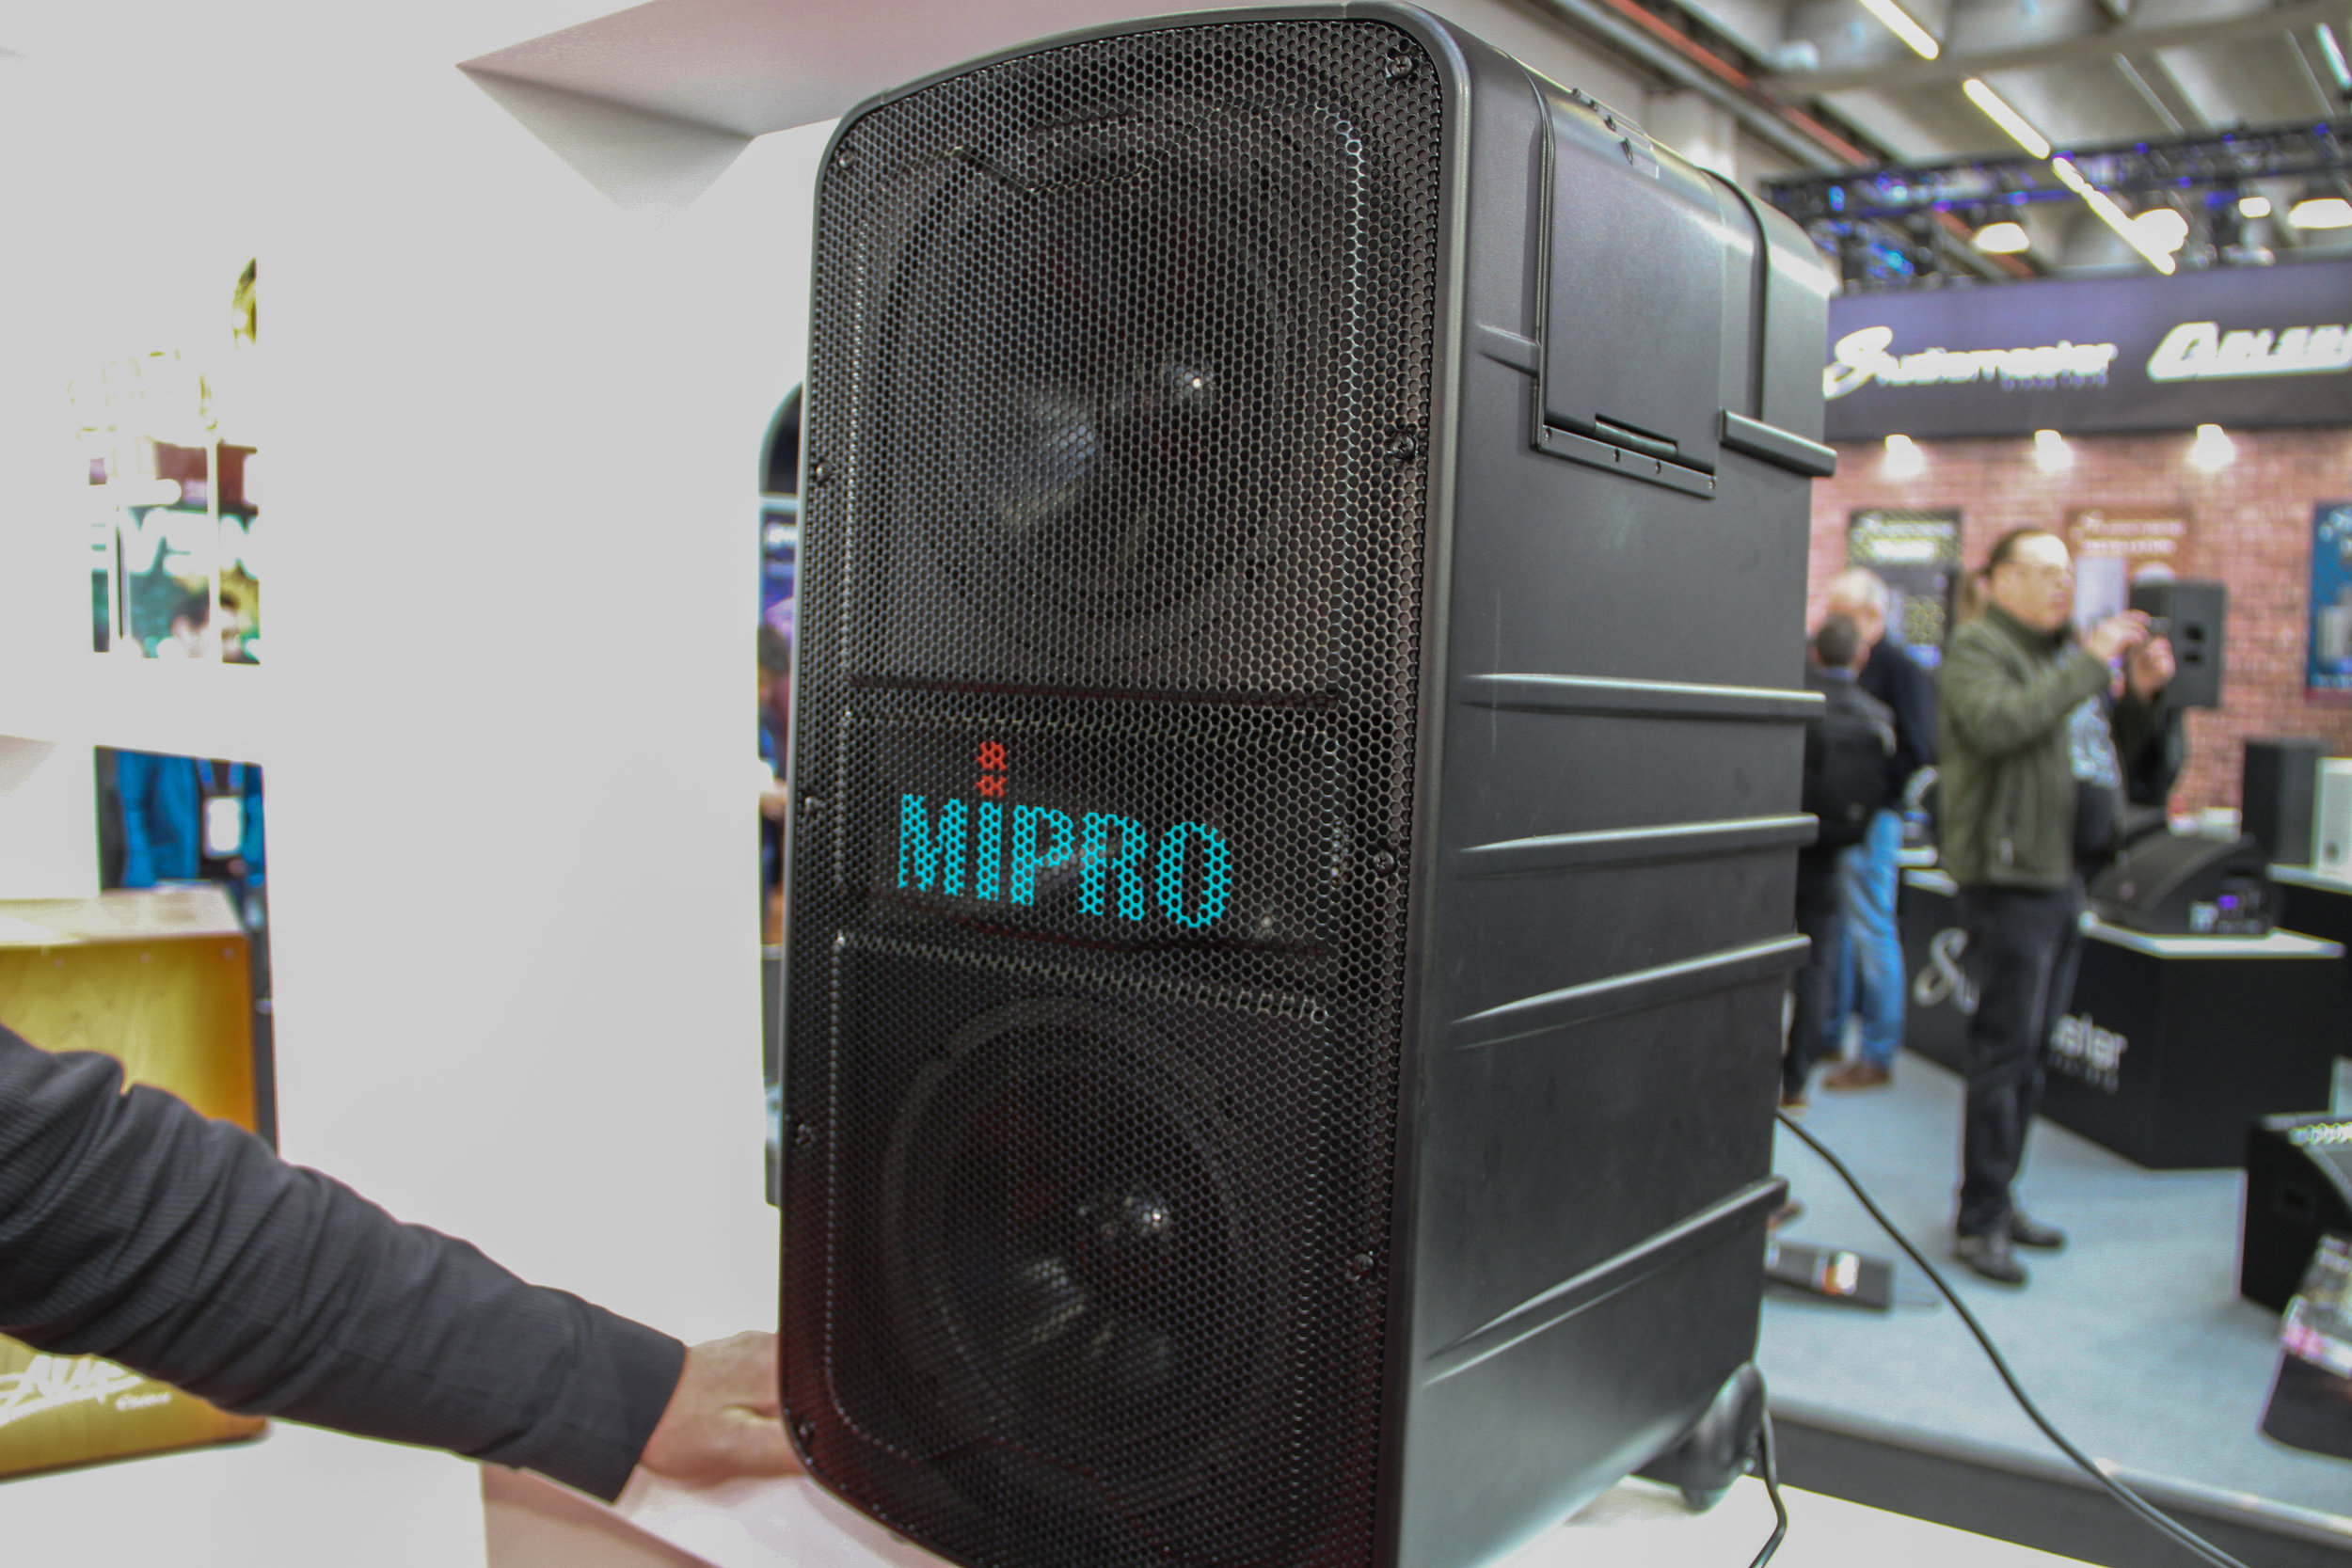 Taiwanesiska Mipro radade upp sin serie portabla, trådlösa PA-system, MA. Till denna introducerade man tre nya mottagarmoduler.